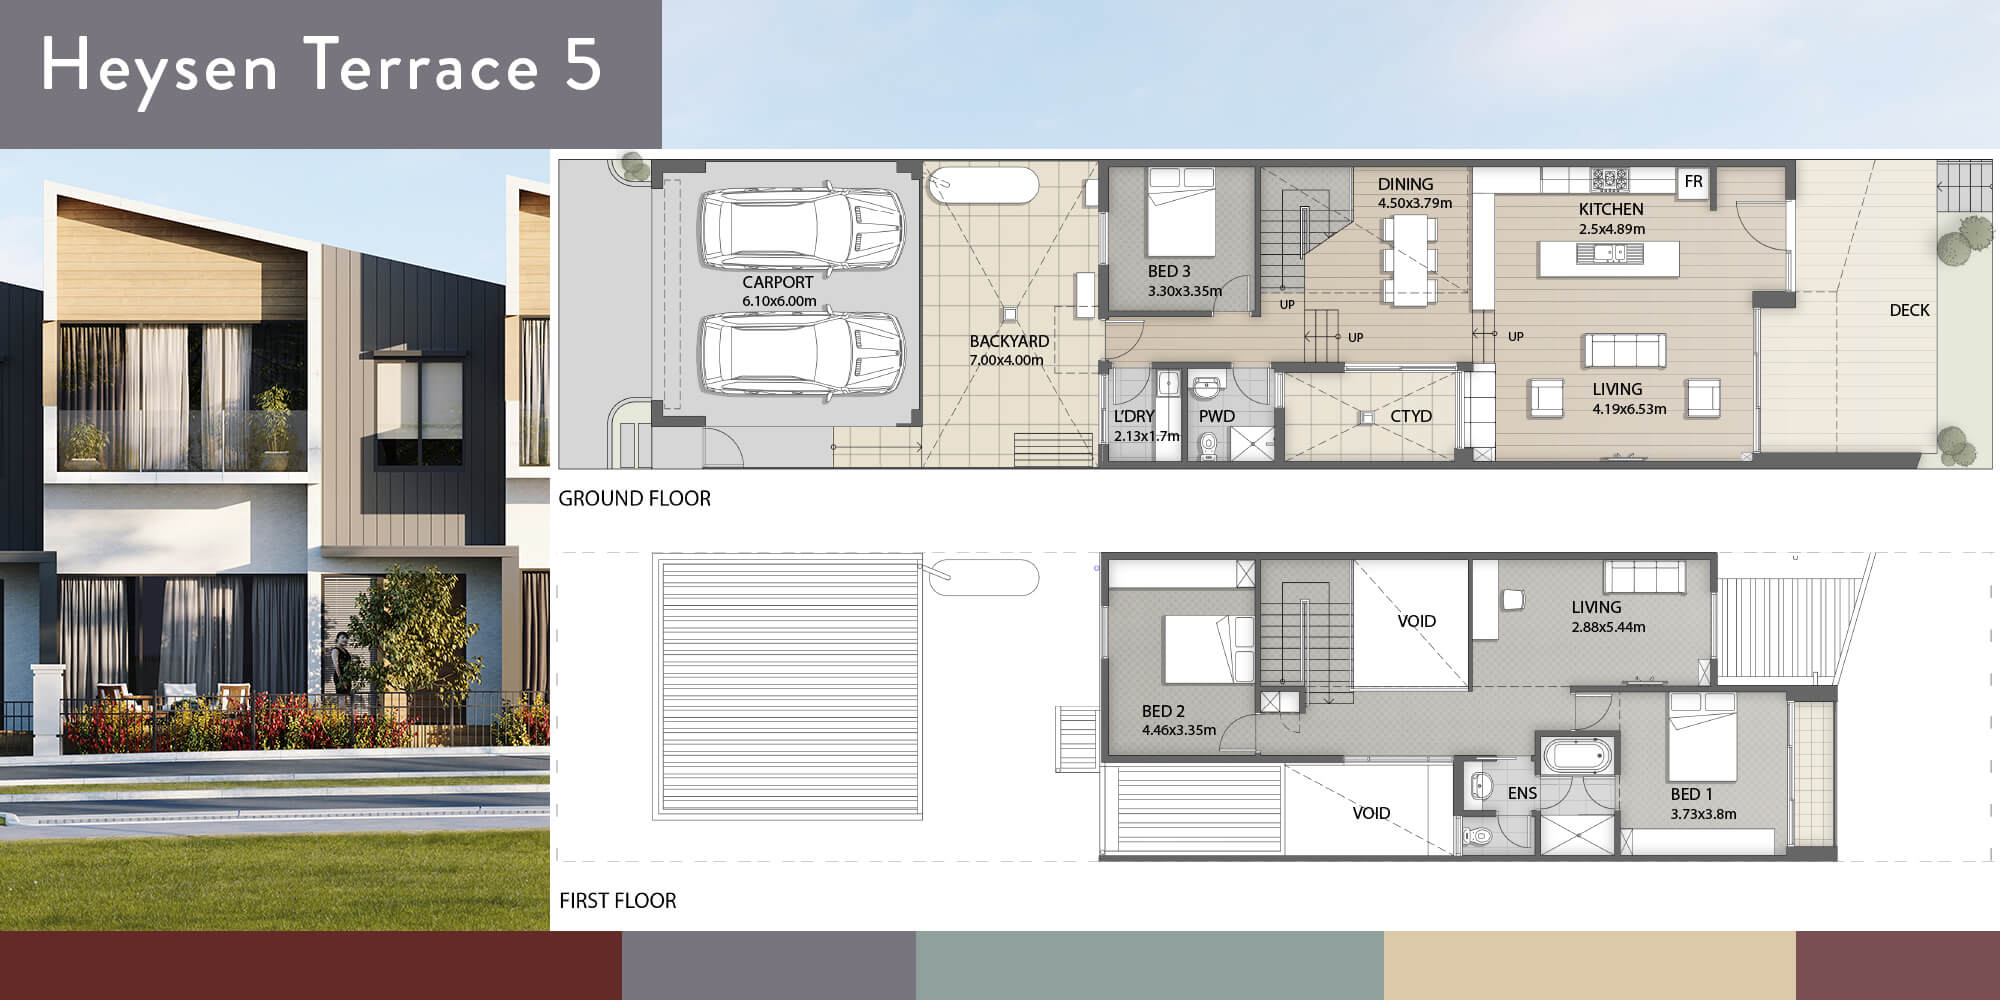 Heysen 5 Floorplan